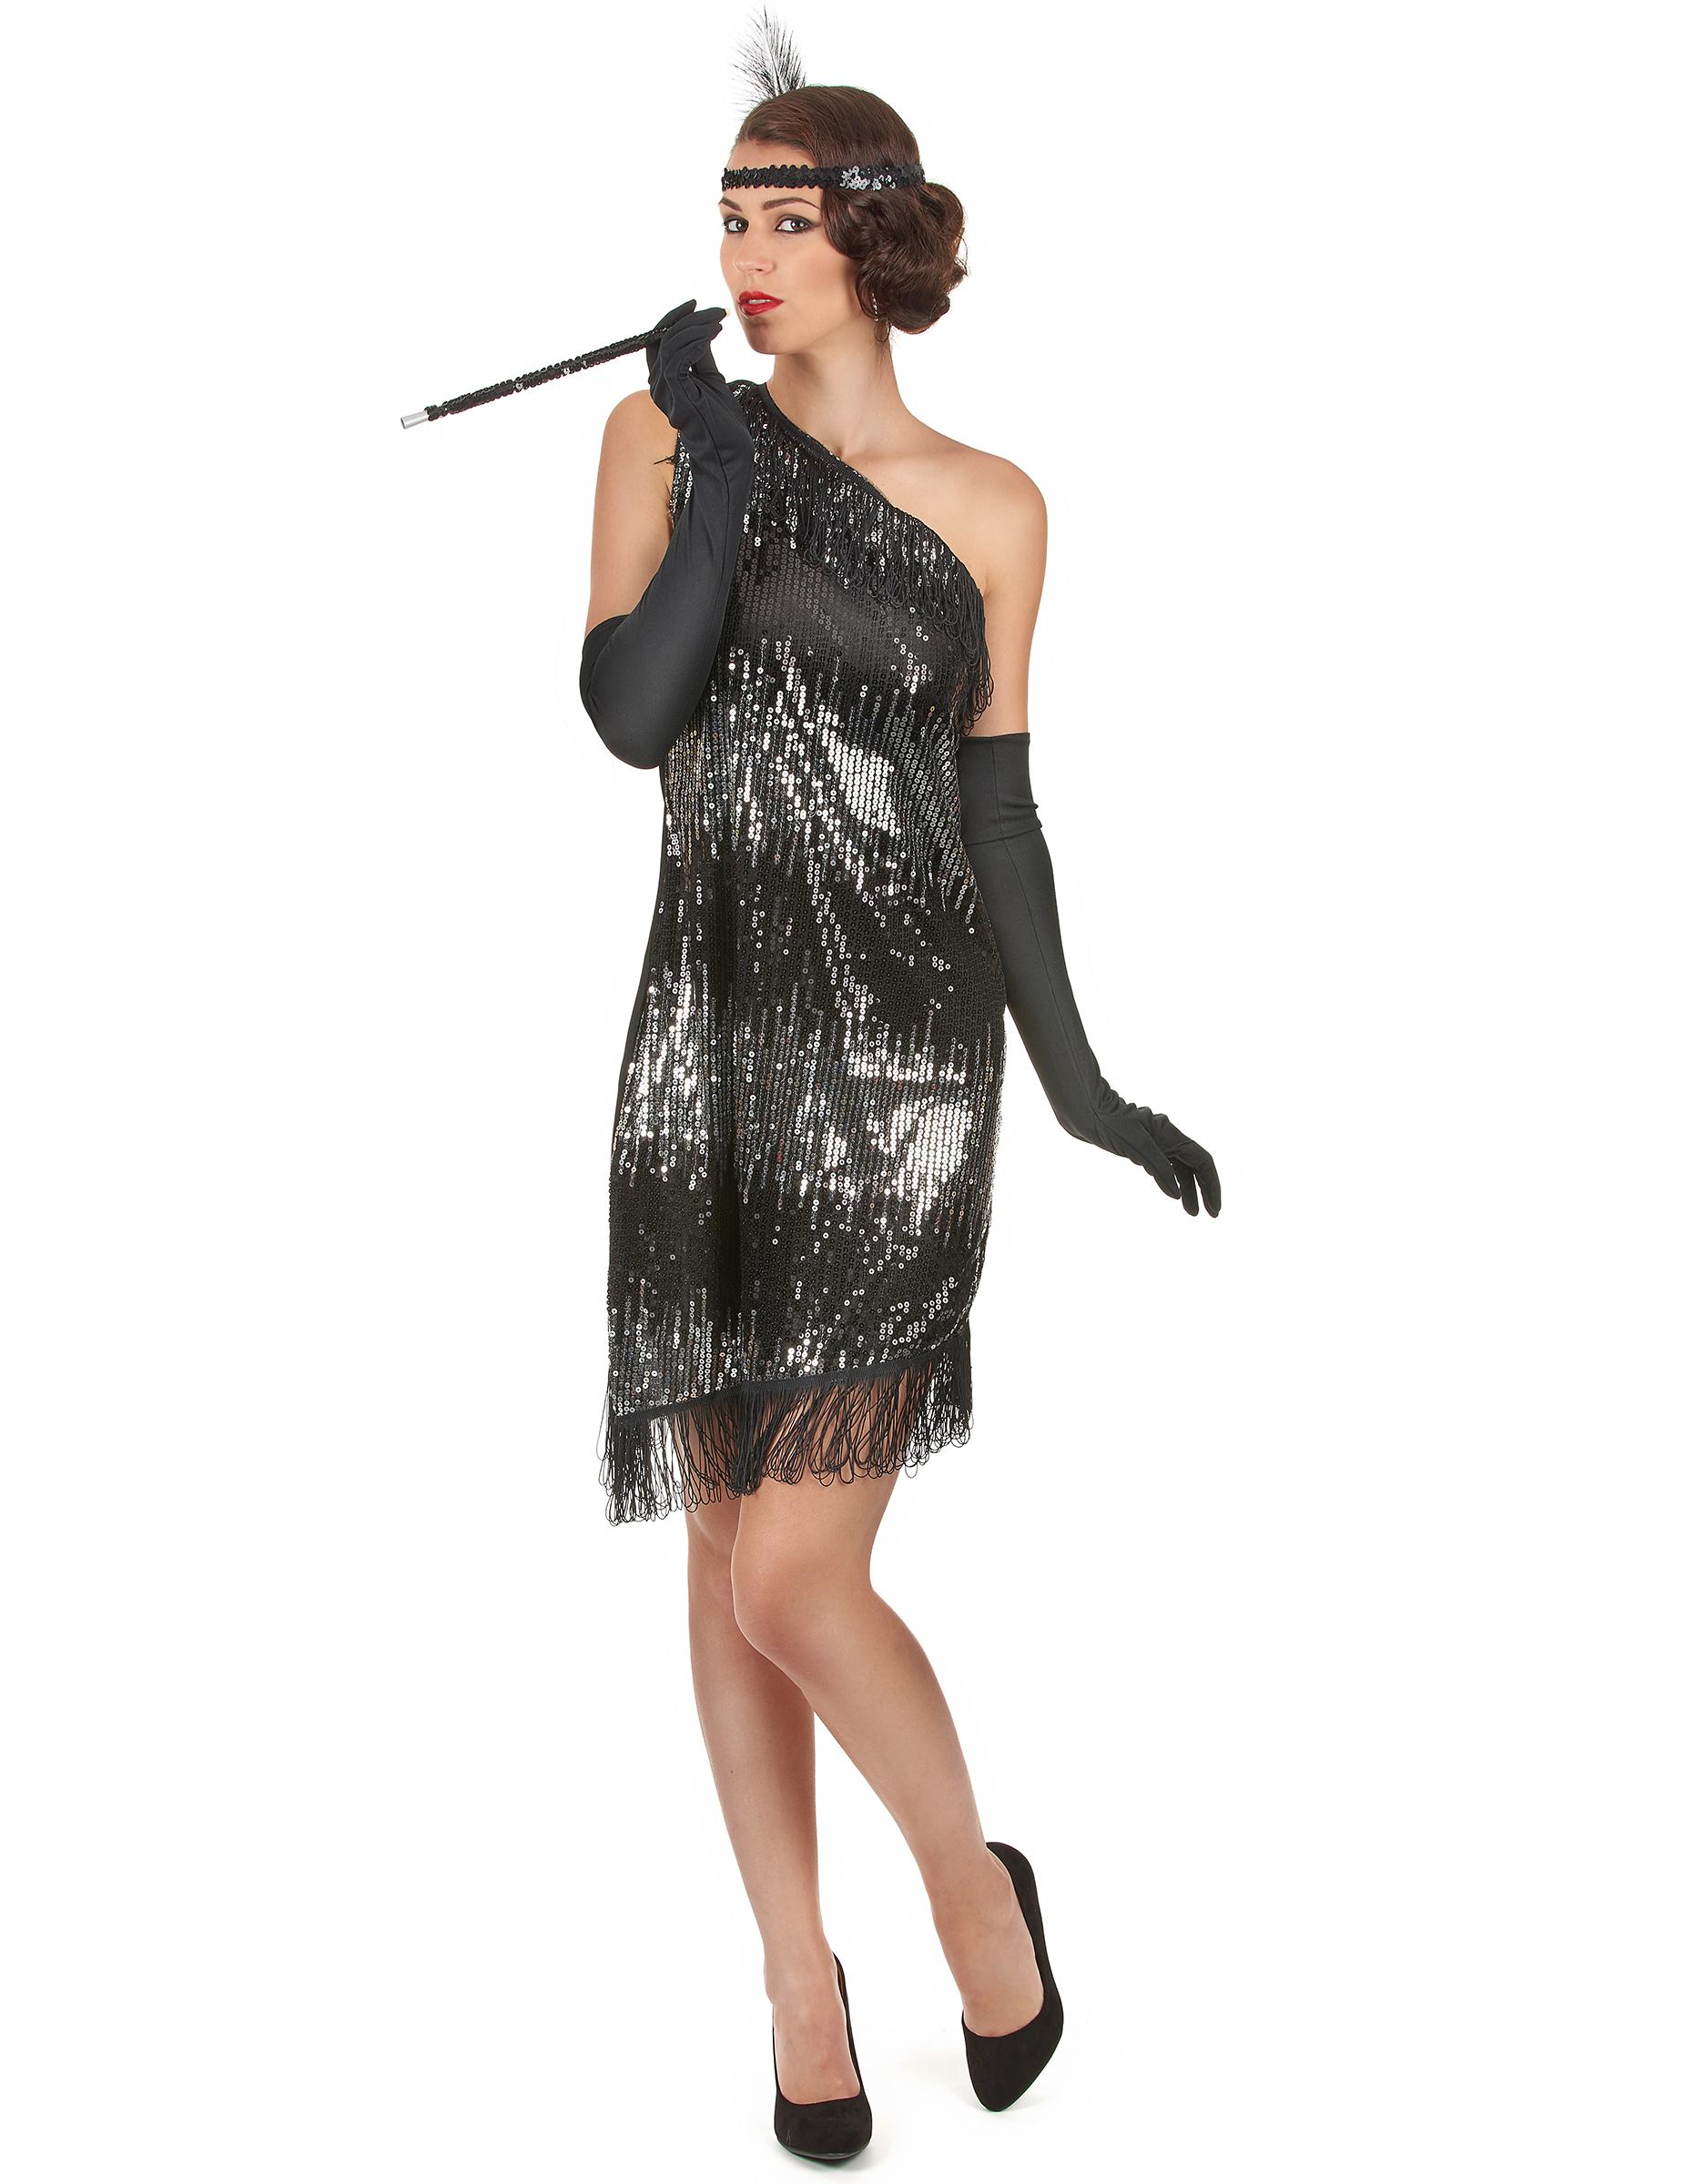 Charleston Kostüme und Kleider, 20er Faschingskostüme bei Vegaoo